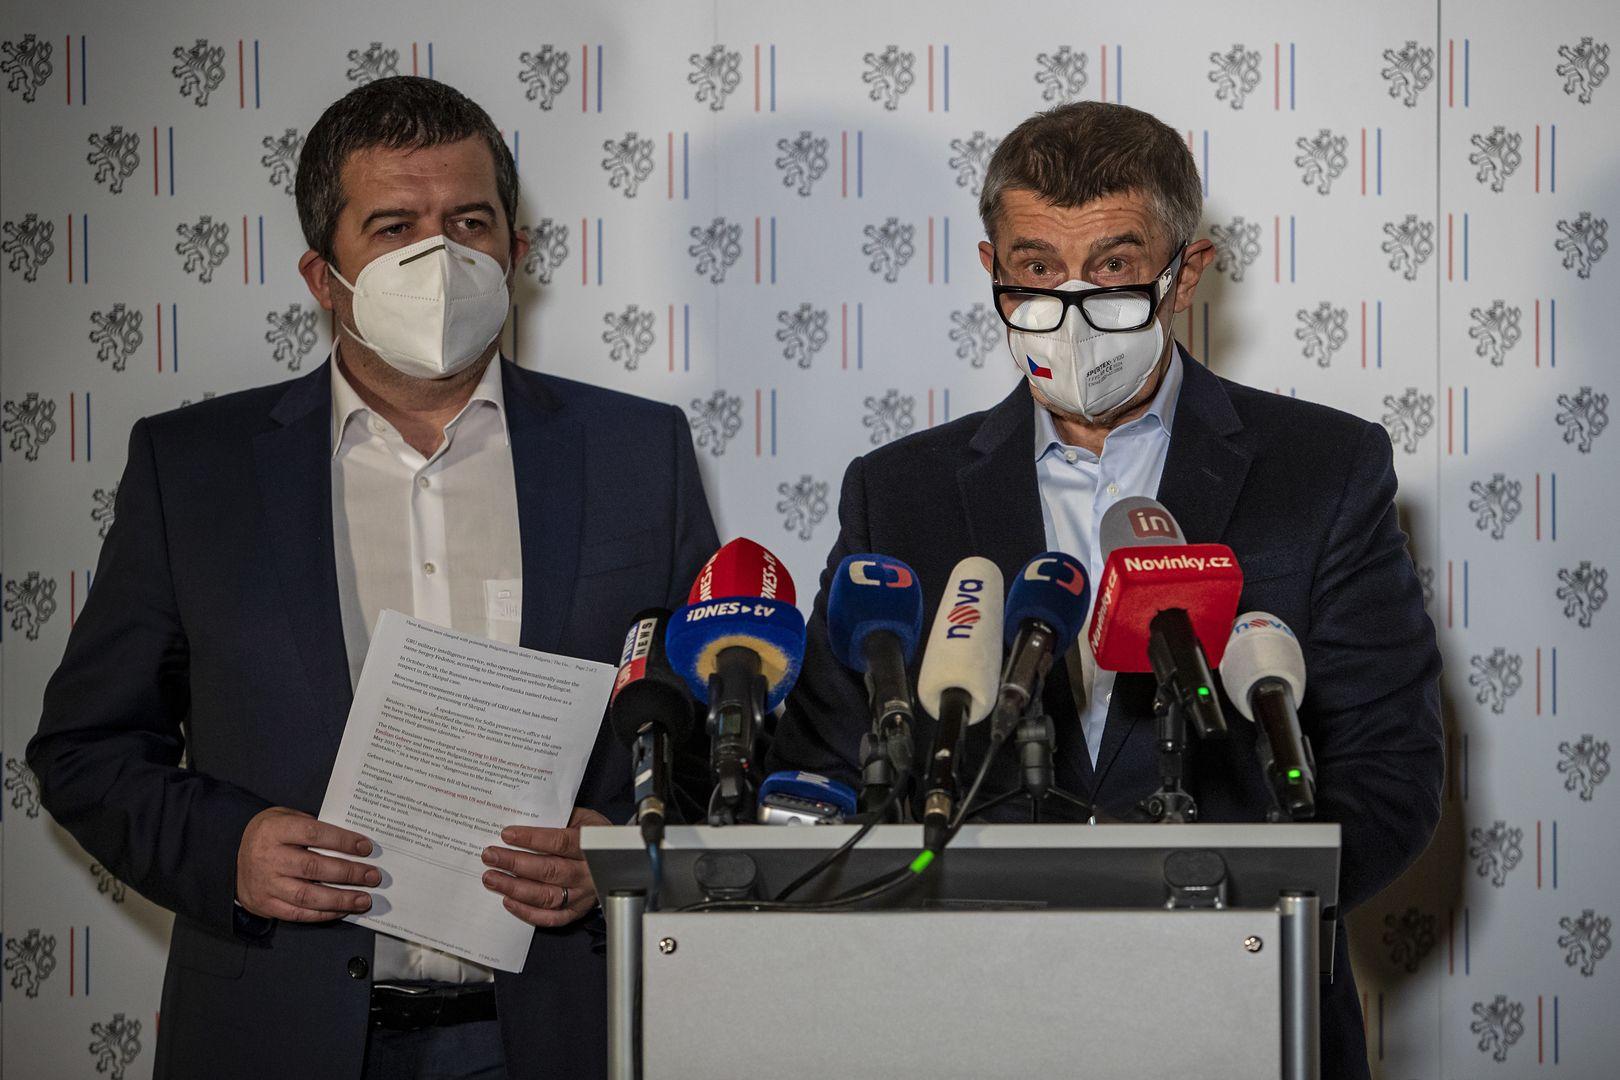 Czeska policja opublikowała wizerunki rosyjskich szpiegów. Mogą mieć powiązania ze sprawą Vrbietic